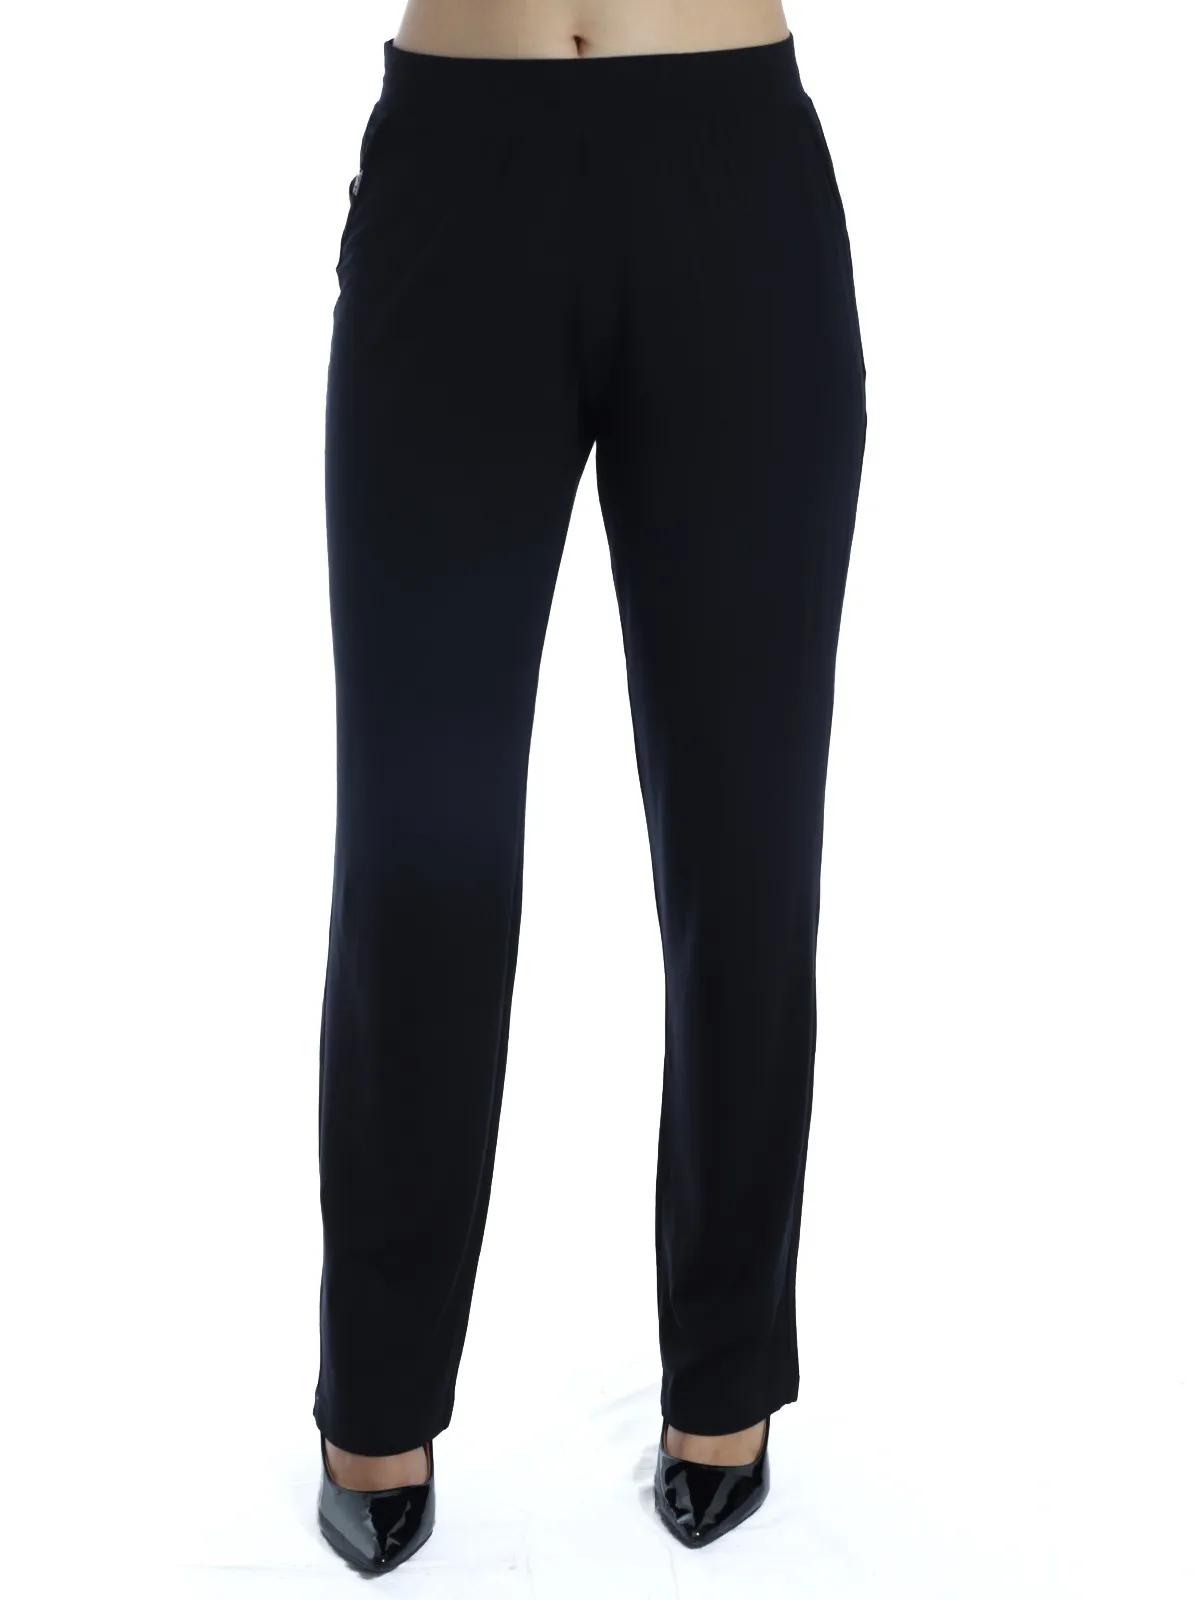 Calça Pantalona Viscolycra Lisa Confortável Preta